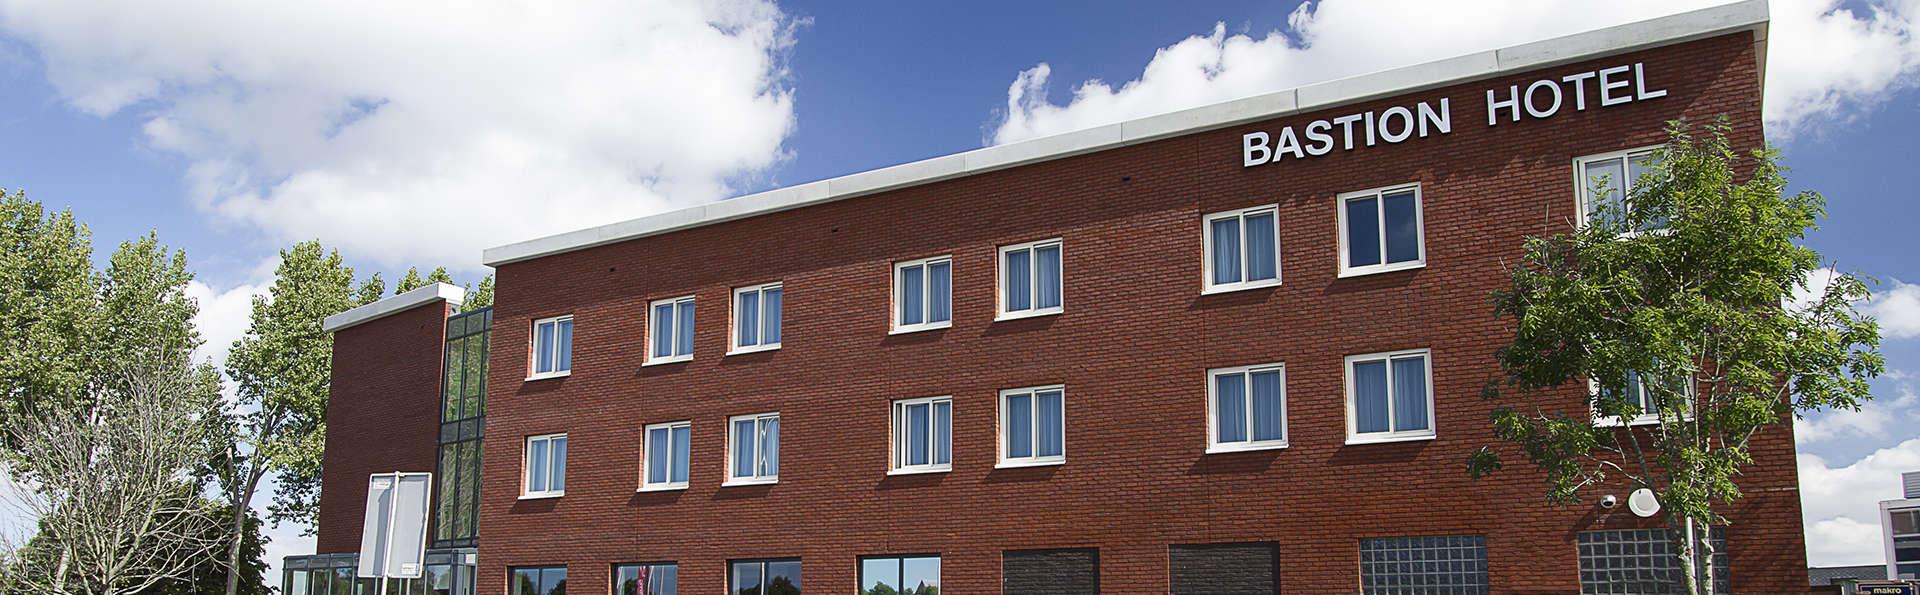 Bastion Hotel Brielle Europoort - EDIT_FRONT.jpg